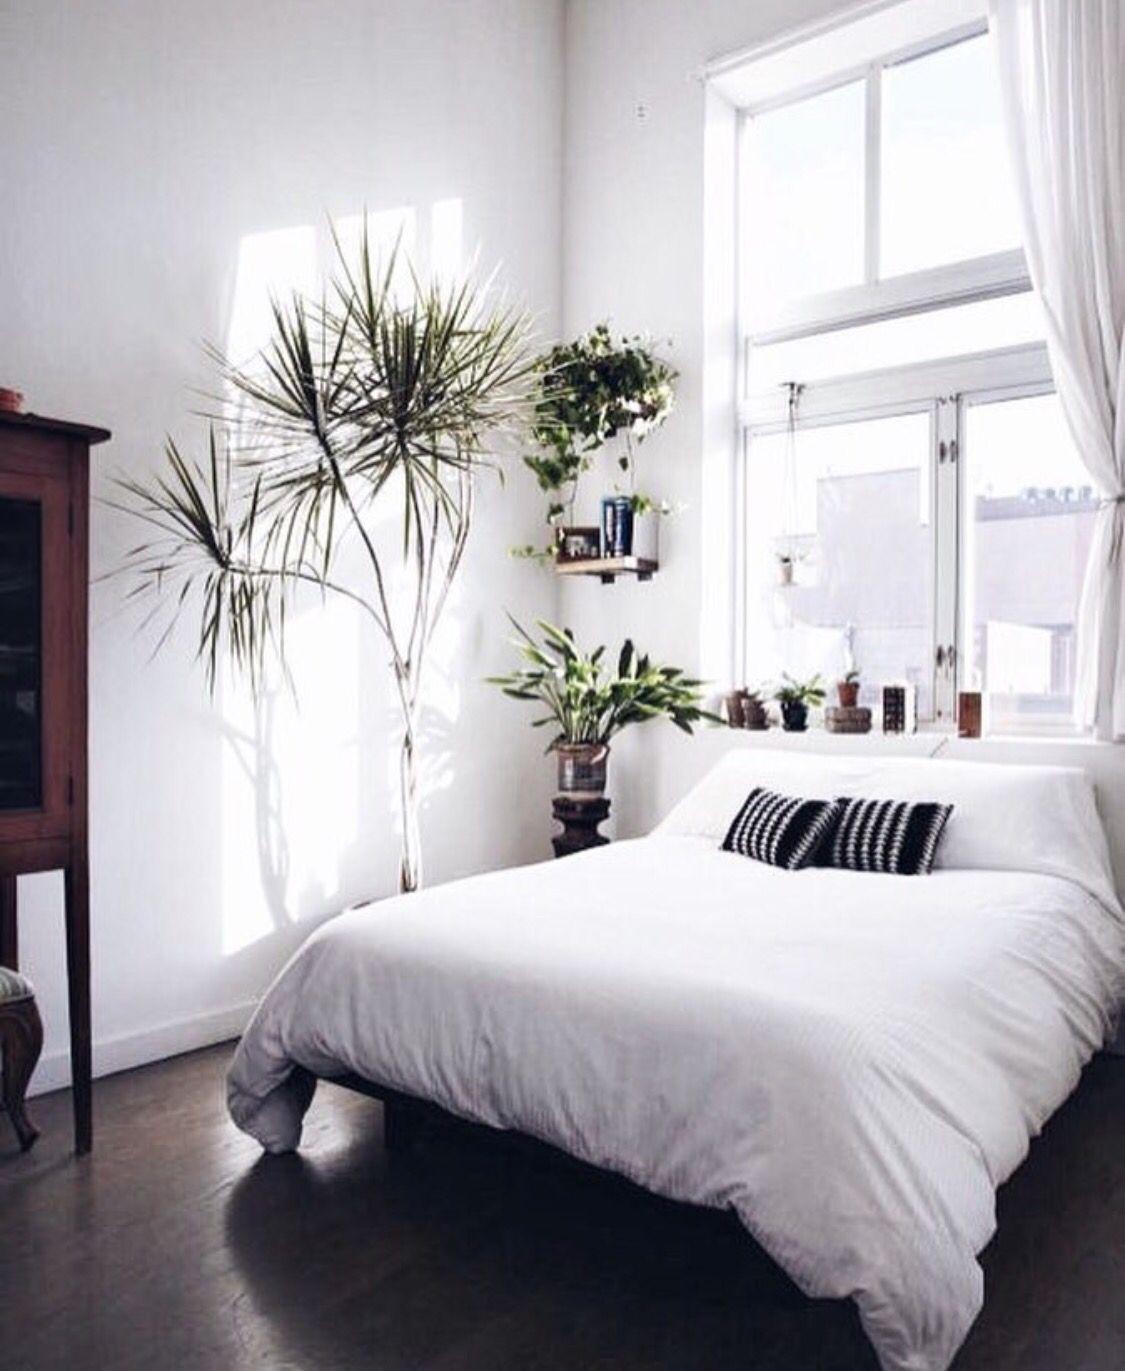 Pin von Meagan Burgess auf (h o m e) | Pinterest | Schlafzimmer ...